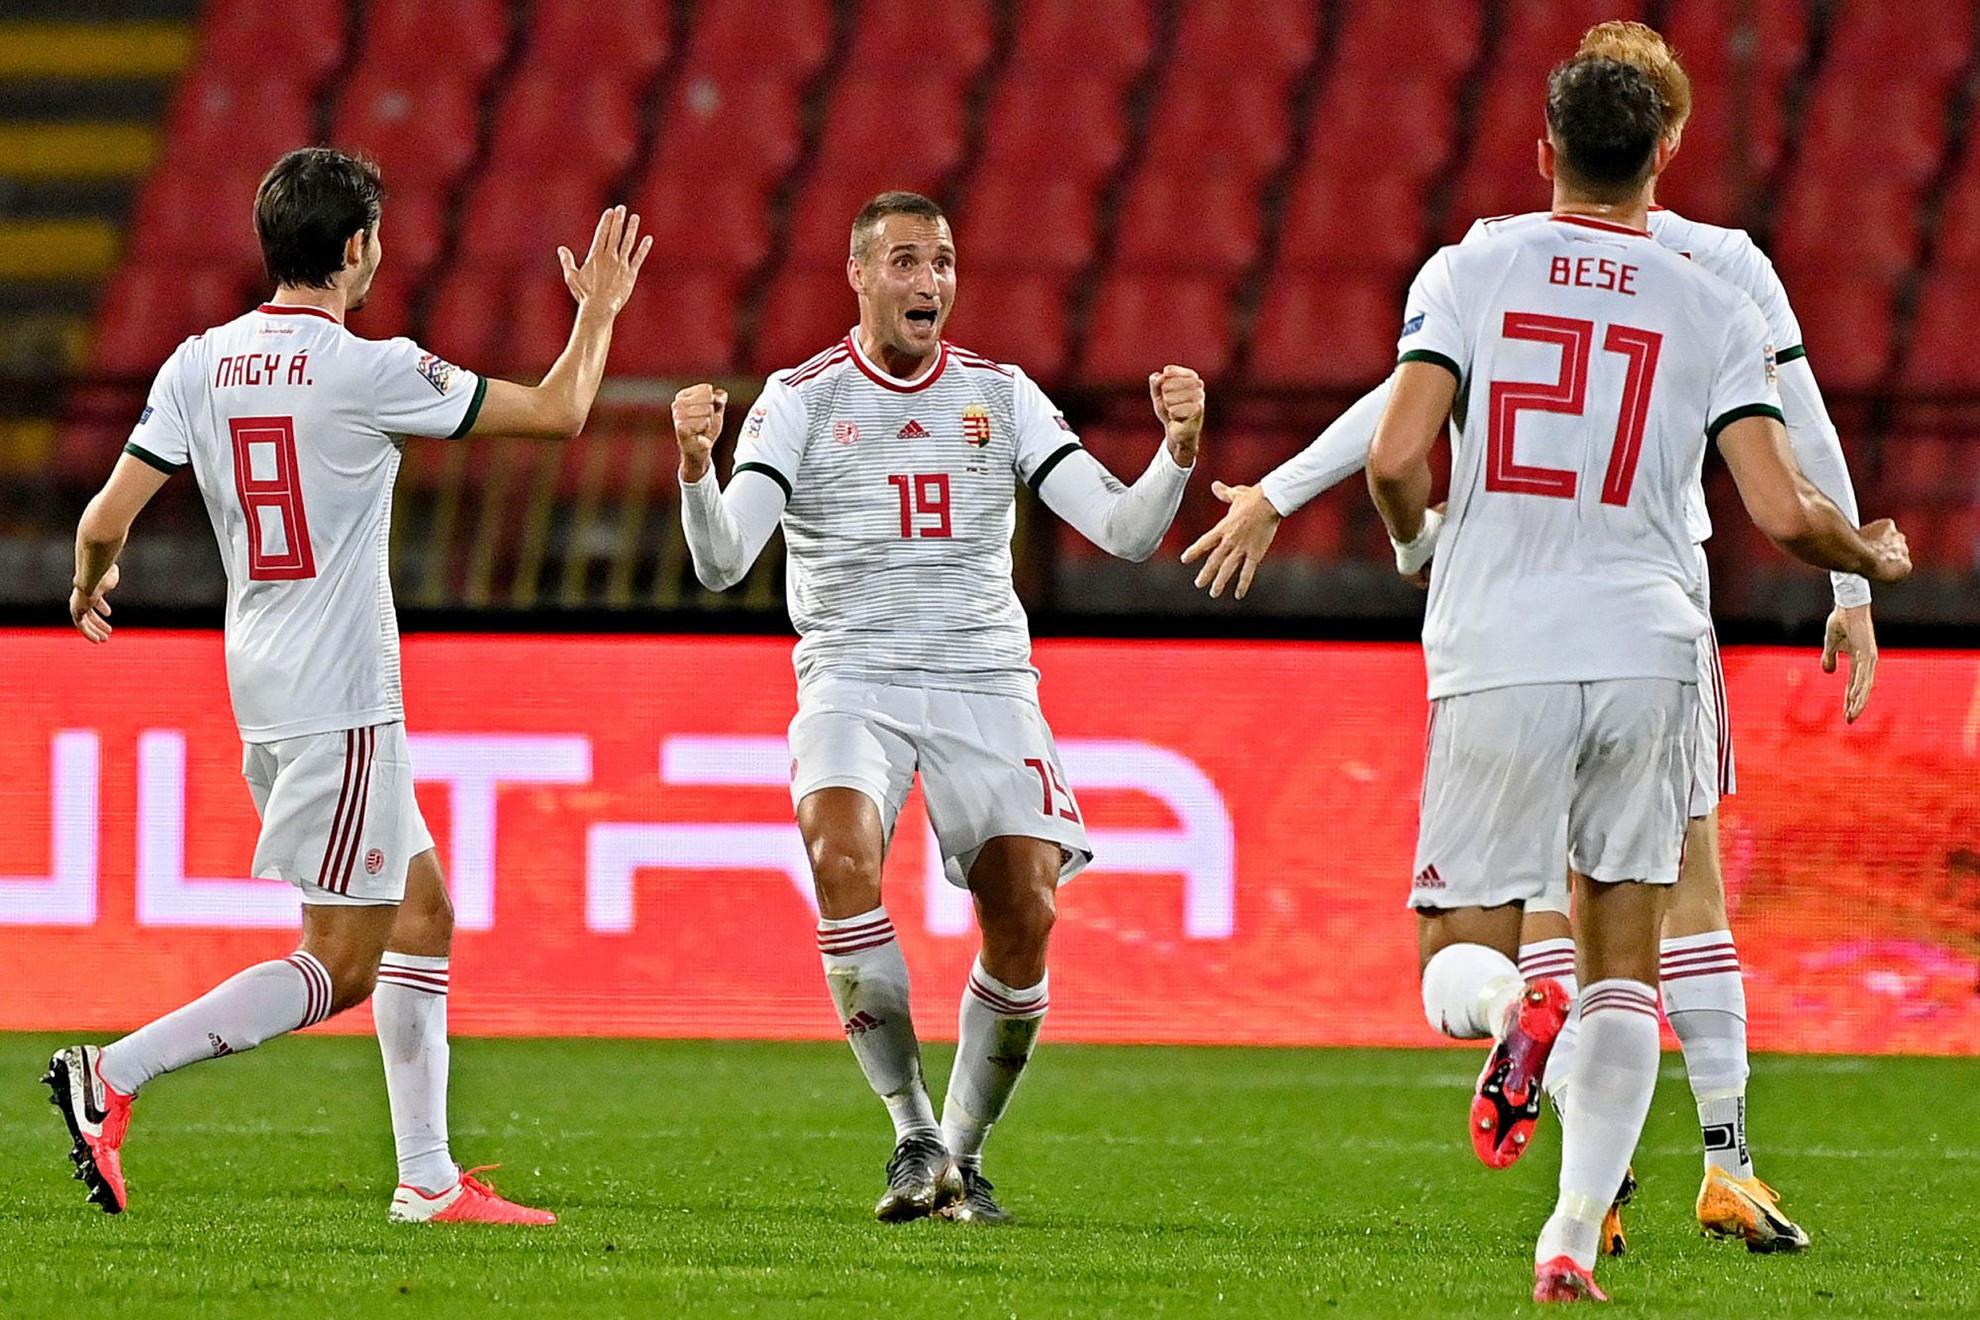 Így ünnepelte a 31 éves Könyves Norbert első válogatottbeli gólját